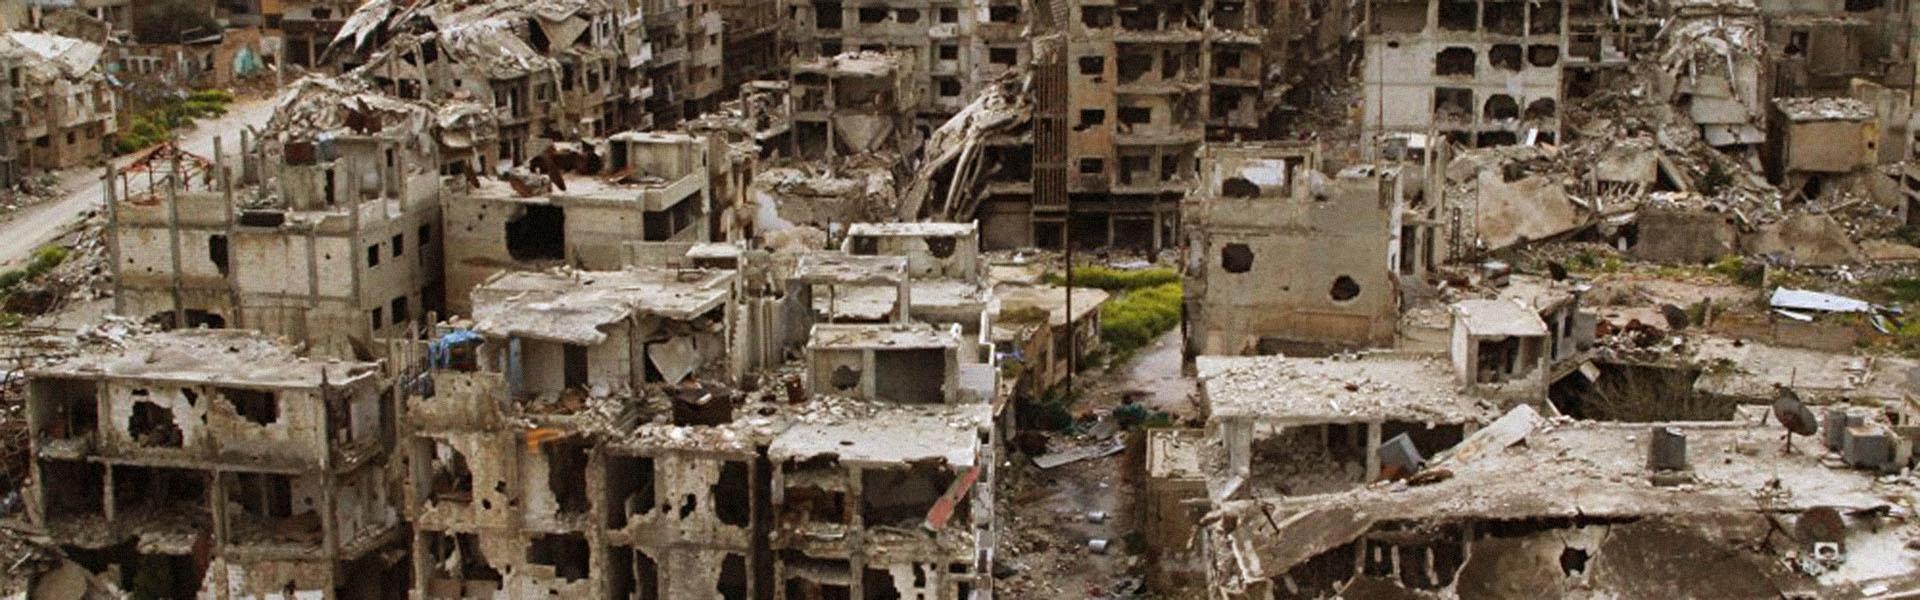 Сирия: что это было? Часть вторая — Война